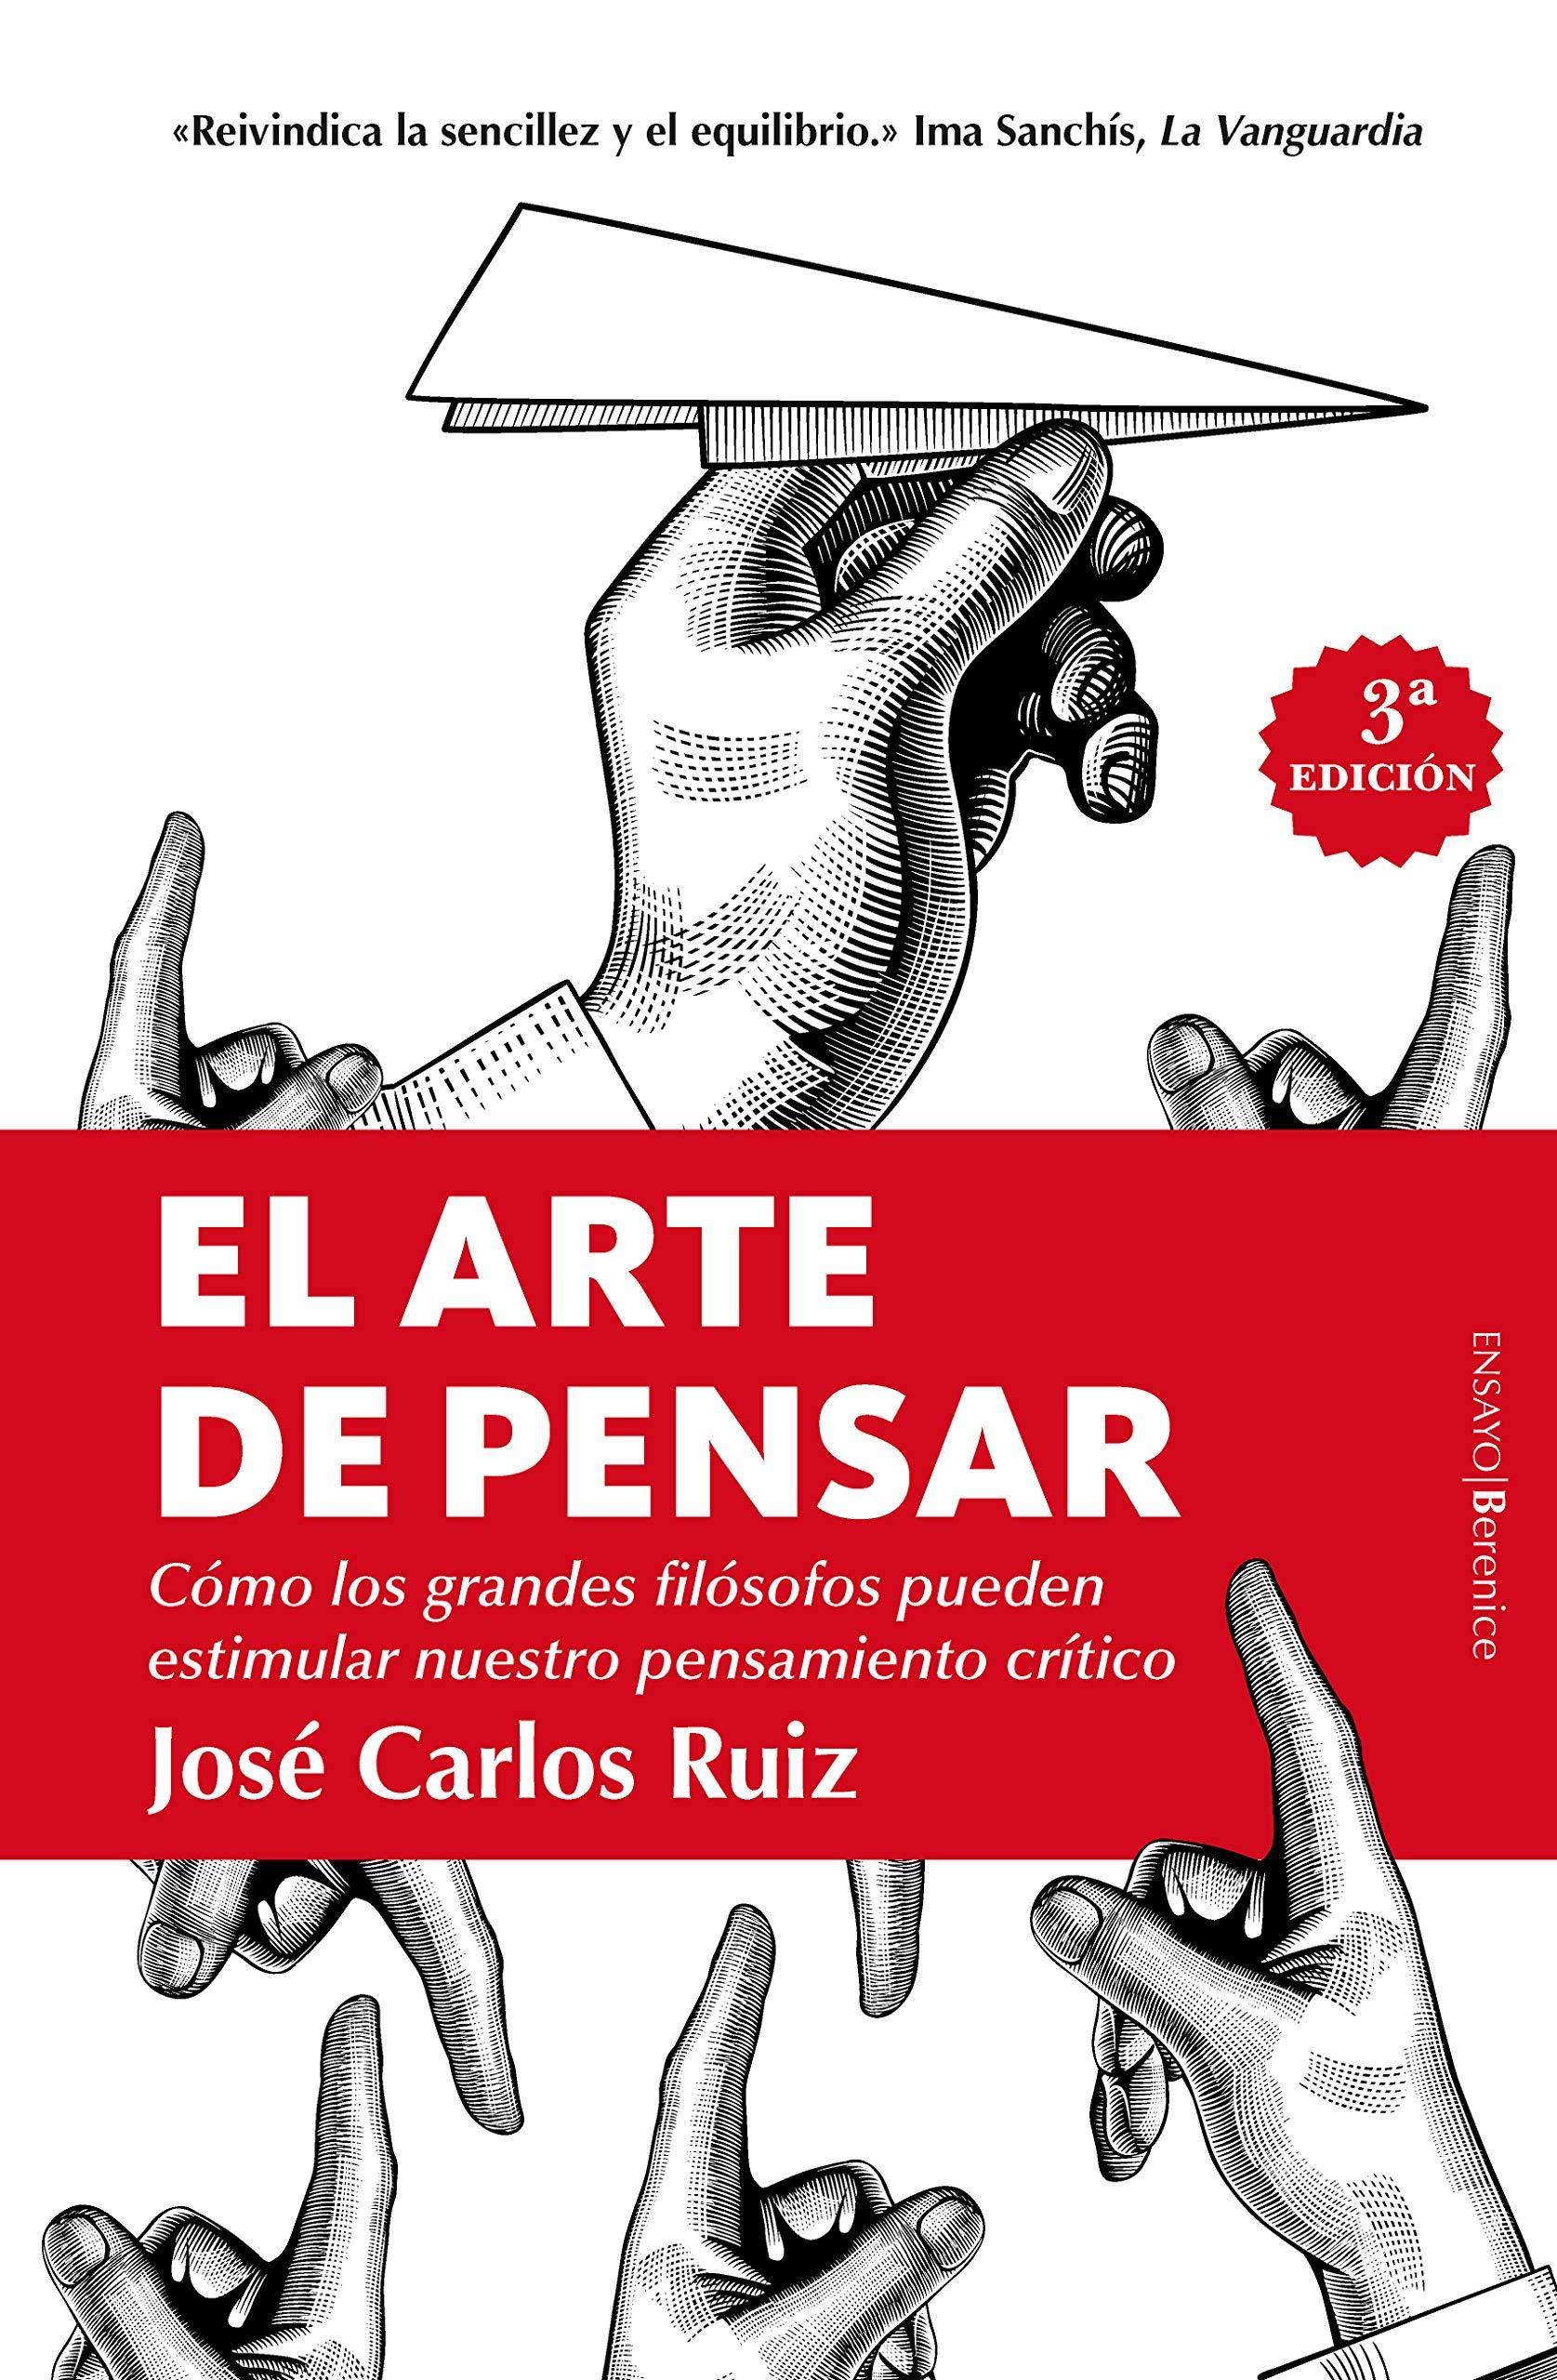 El arte de pensar (Ensayo): Amazon.es: Ruiz Sánchez, José Carlos: Libros